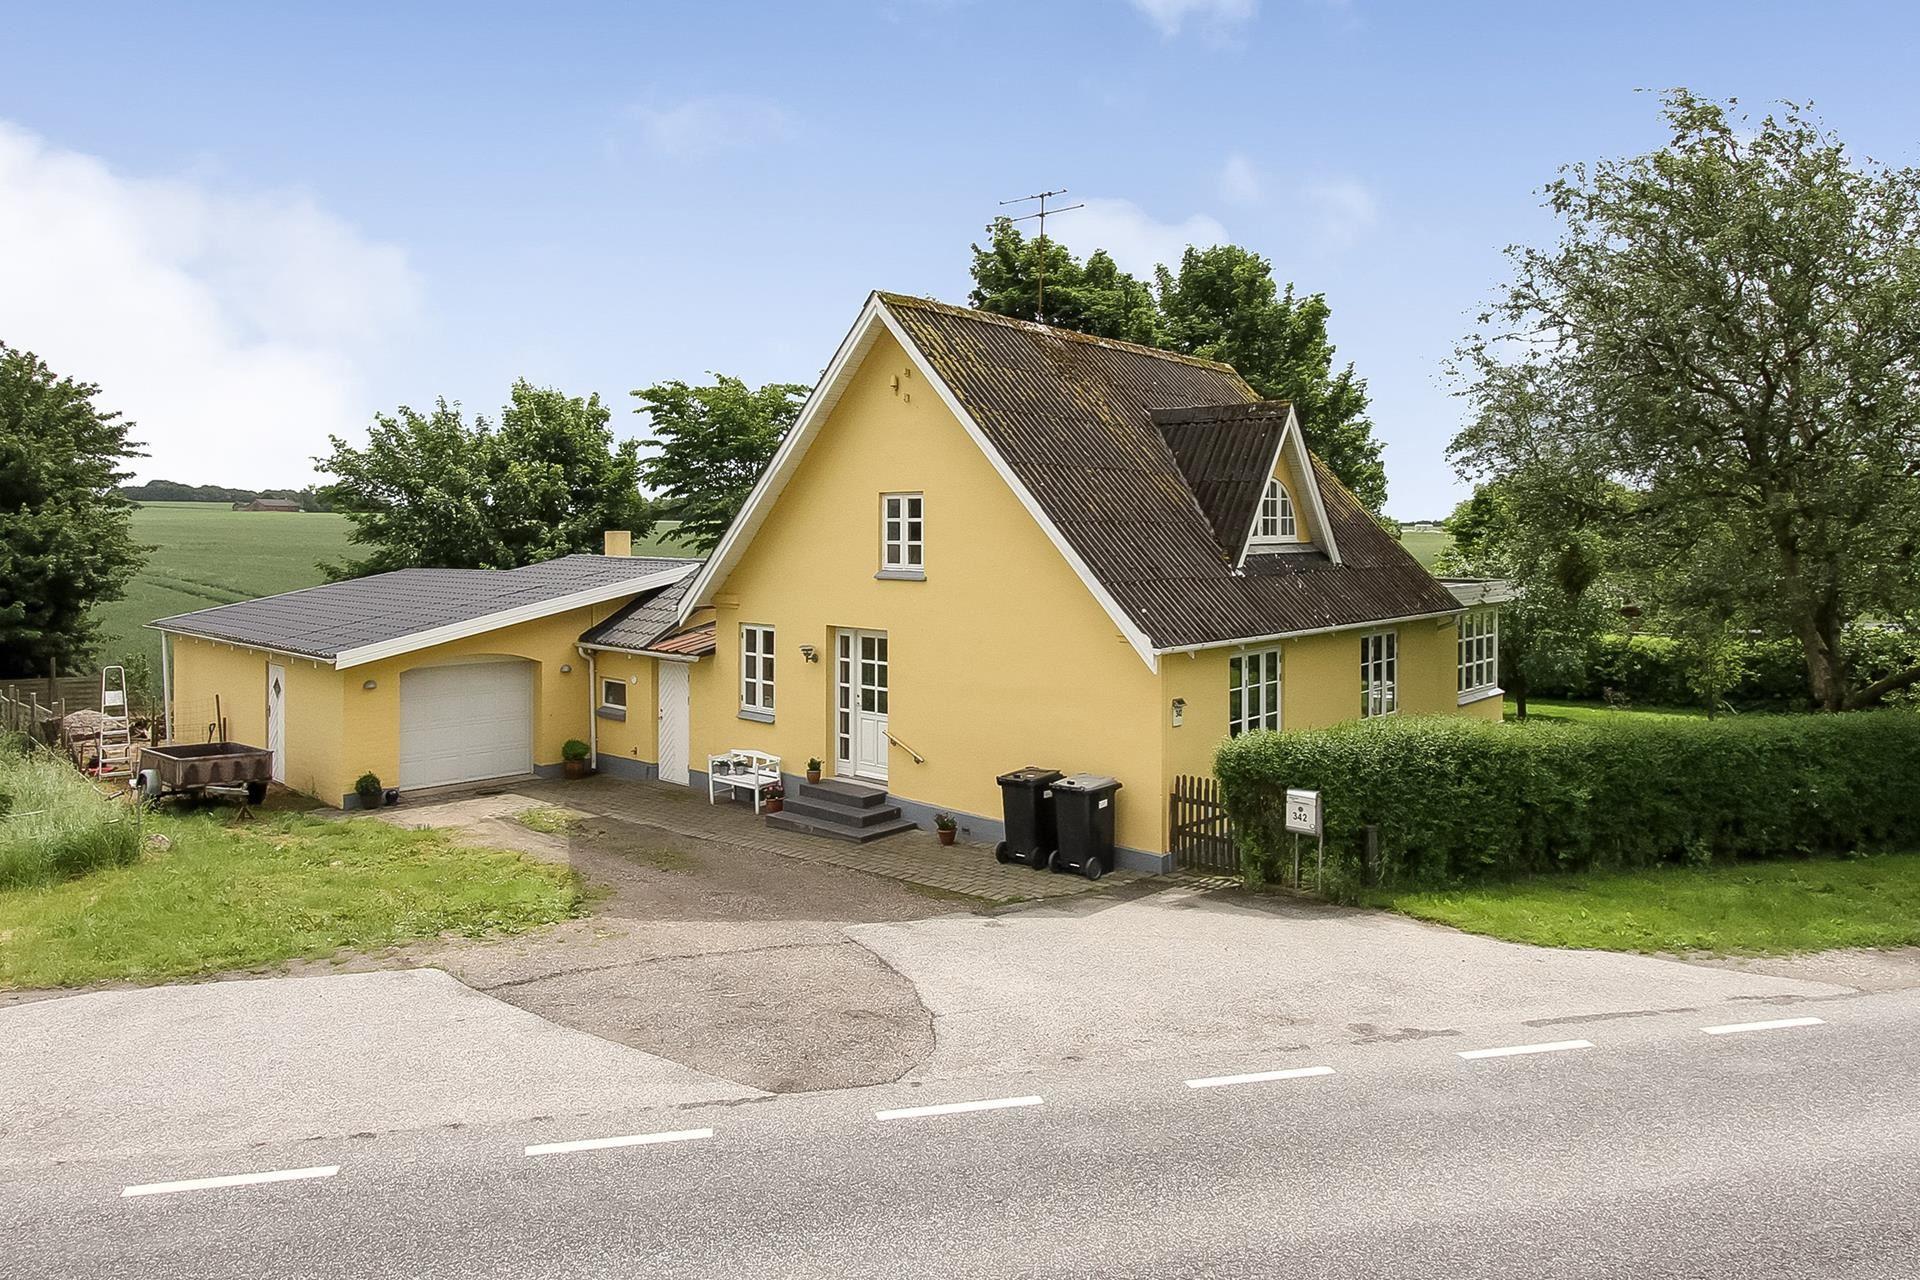 Udbyhøjvej 342, Harridslev, 8930 Randers NØ